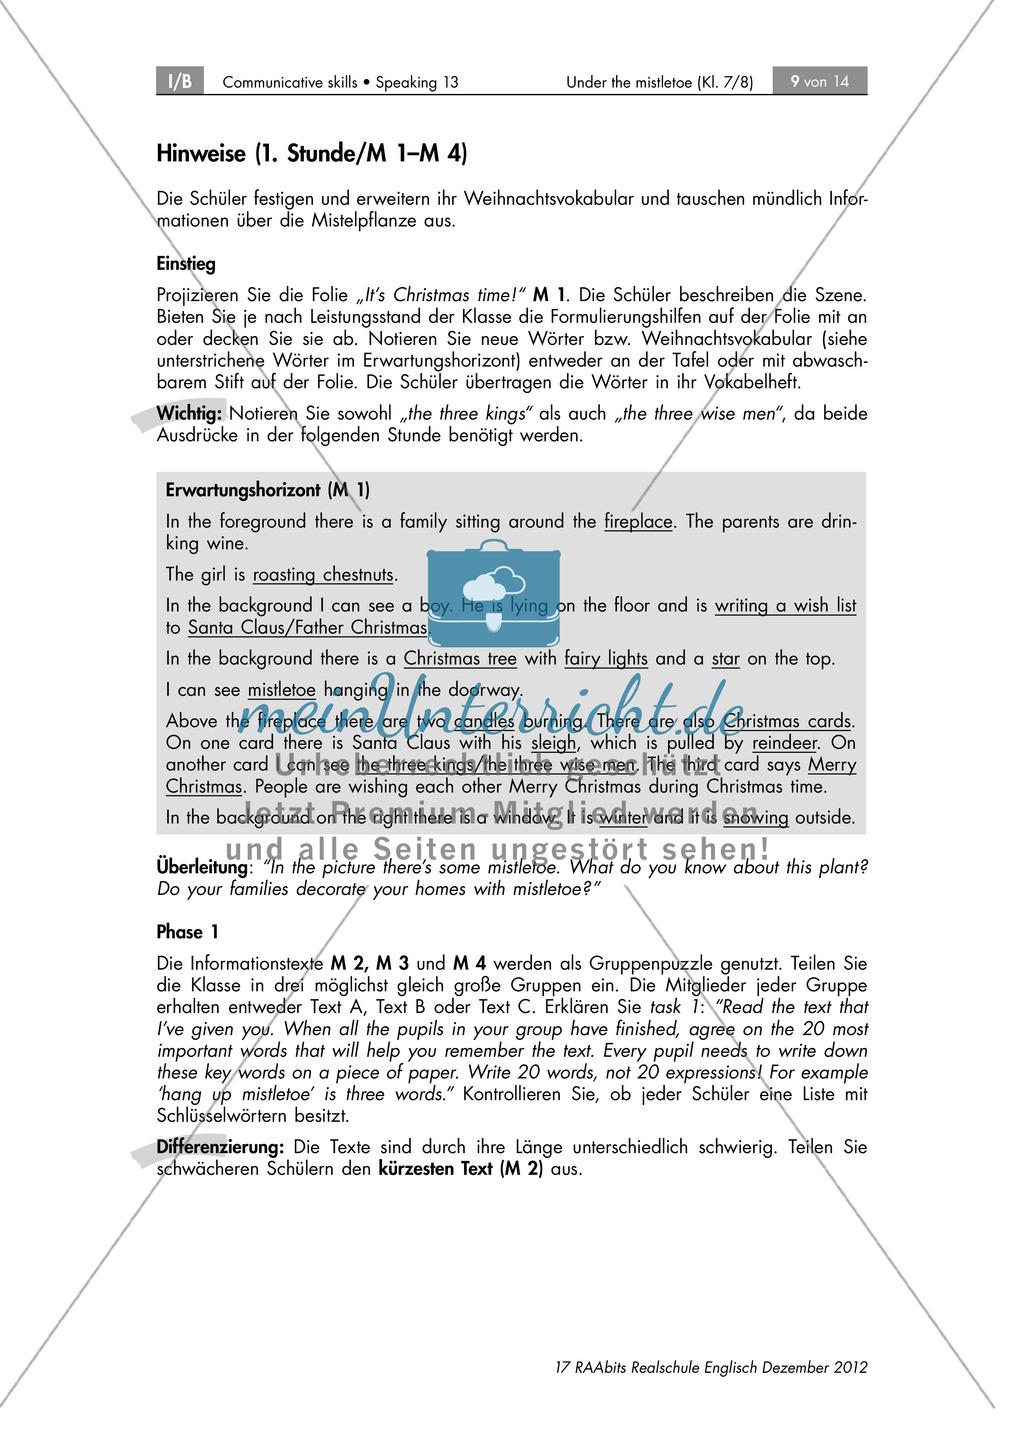 All about the mistletoe: Informationstexte zum Mistelzweig und ...